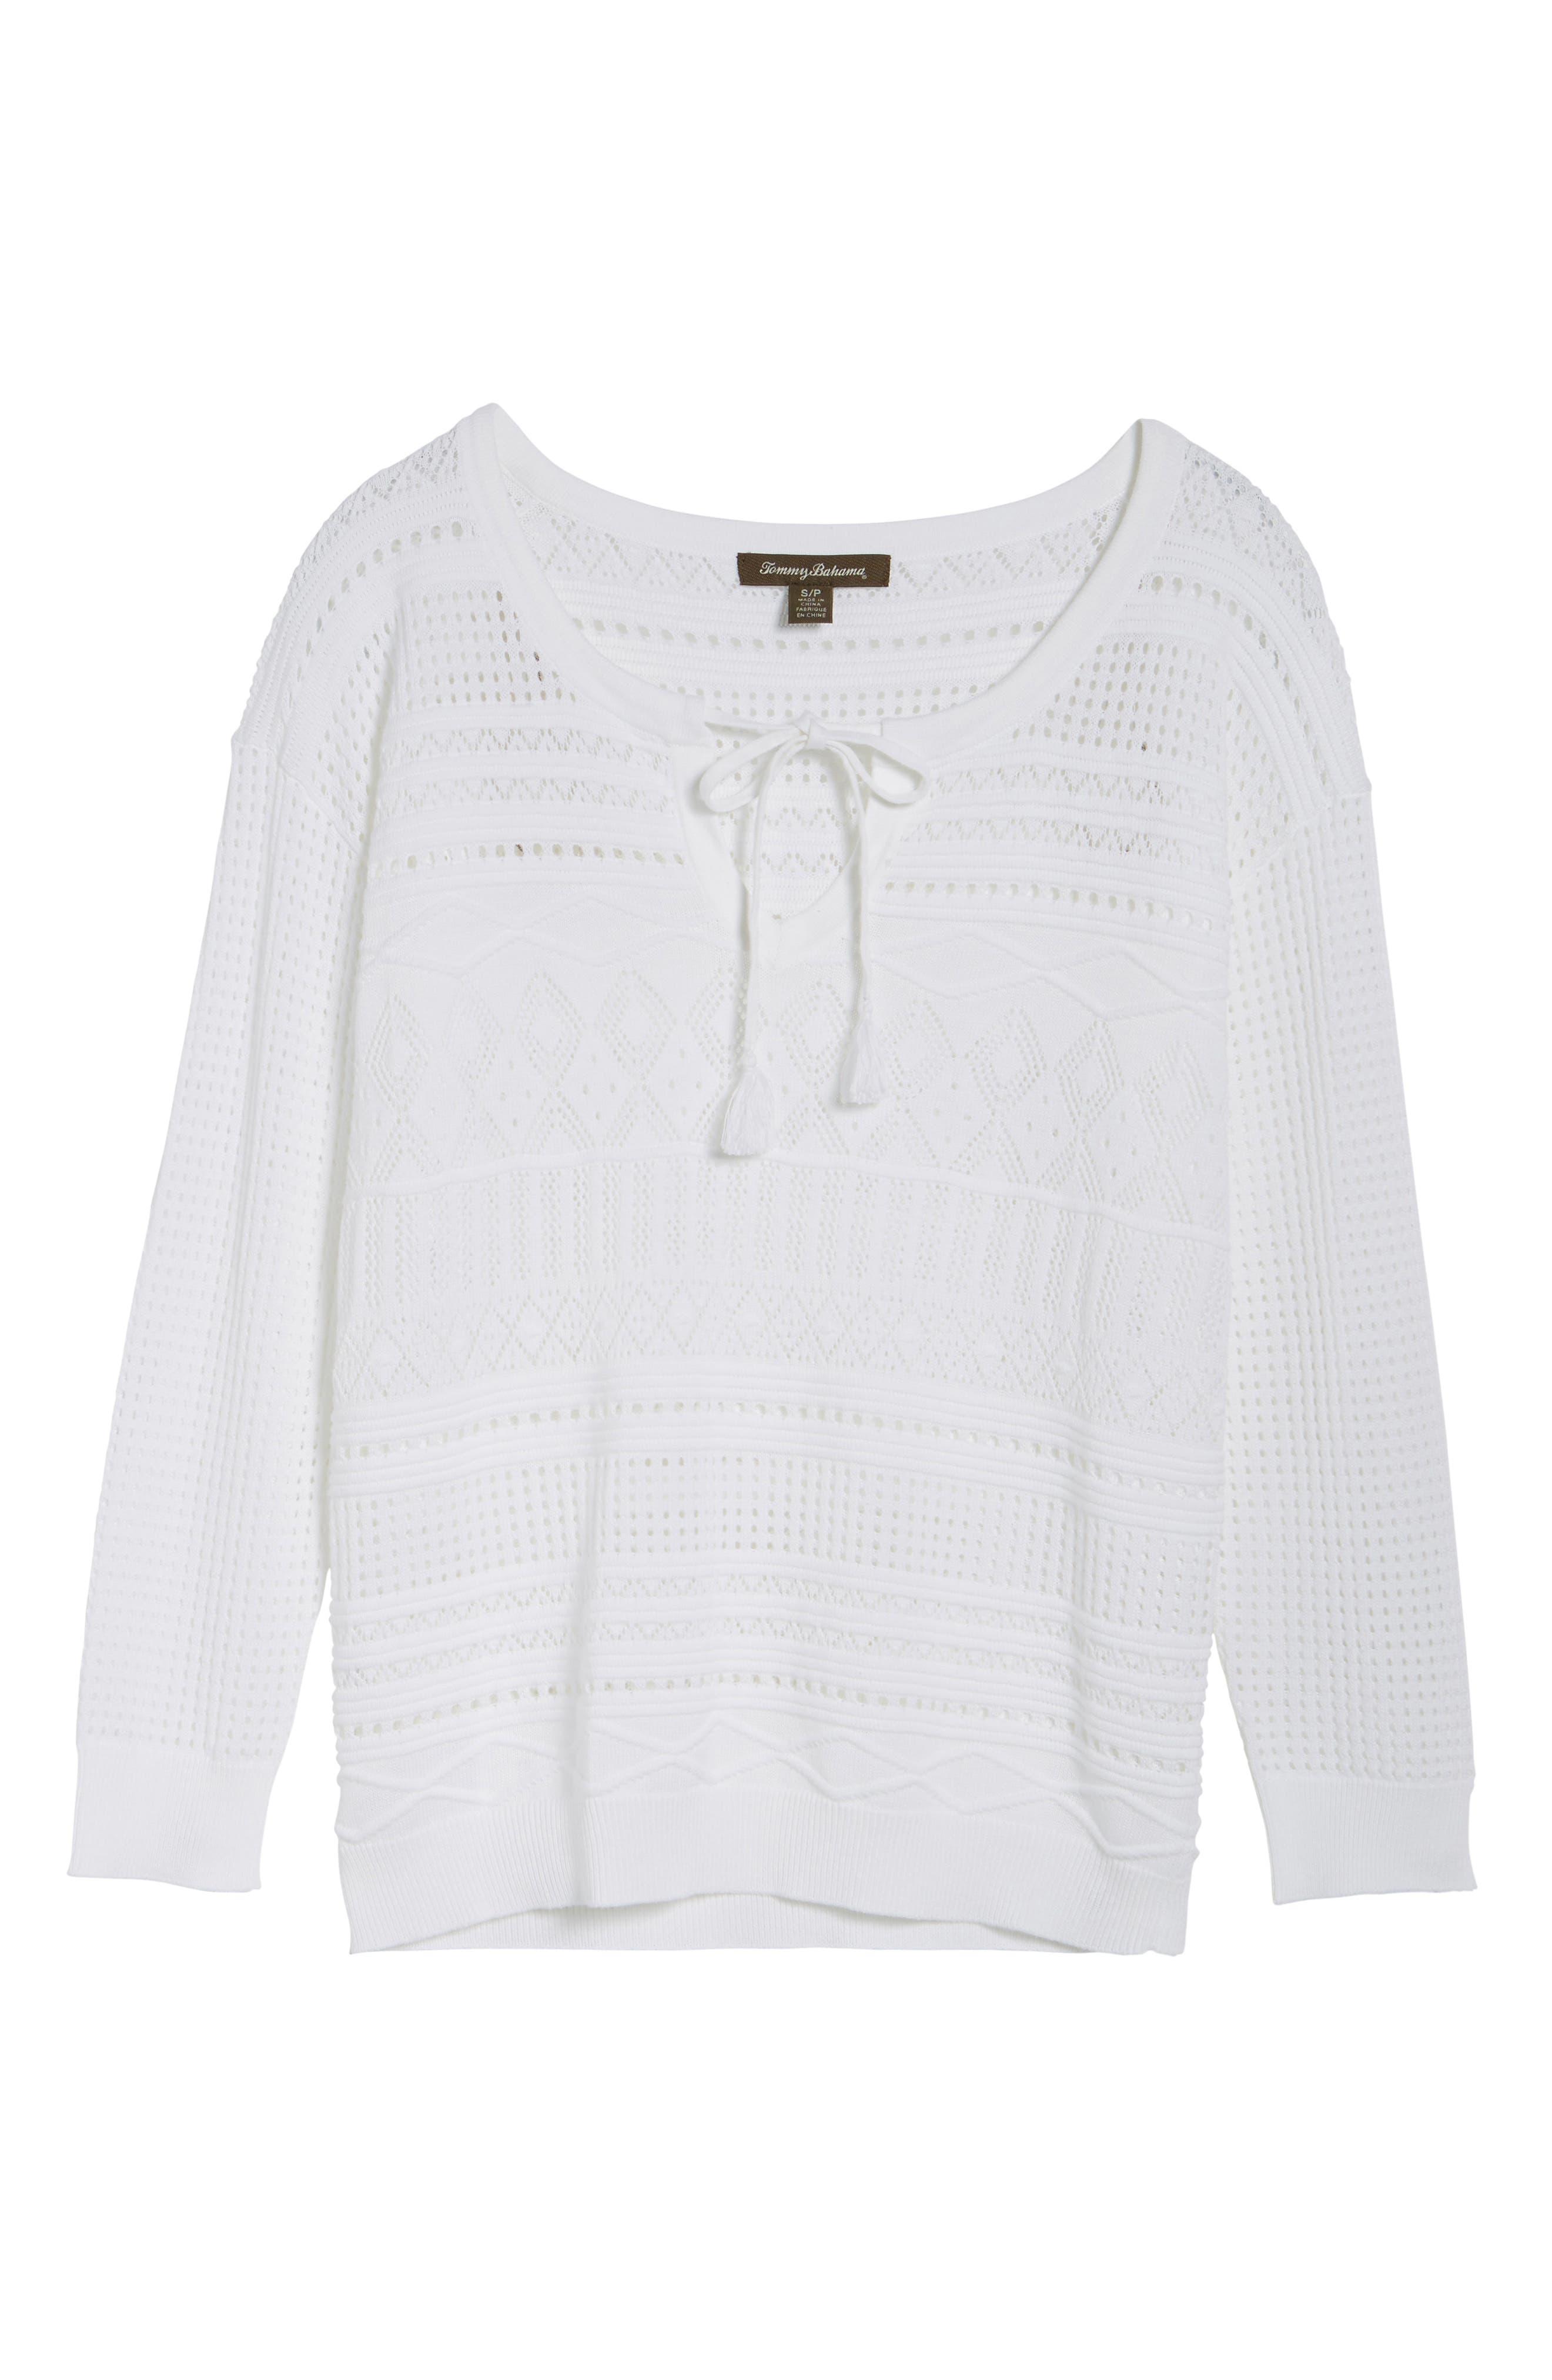 Pickford Pointelle Split Neck Sweater,                             Alternate thumbnail 6, color,                             White